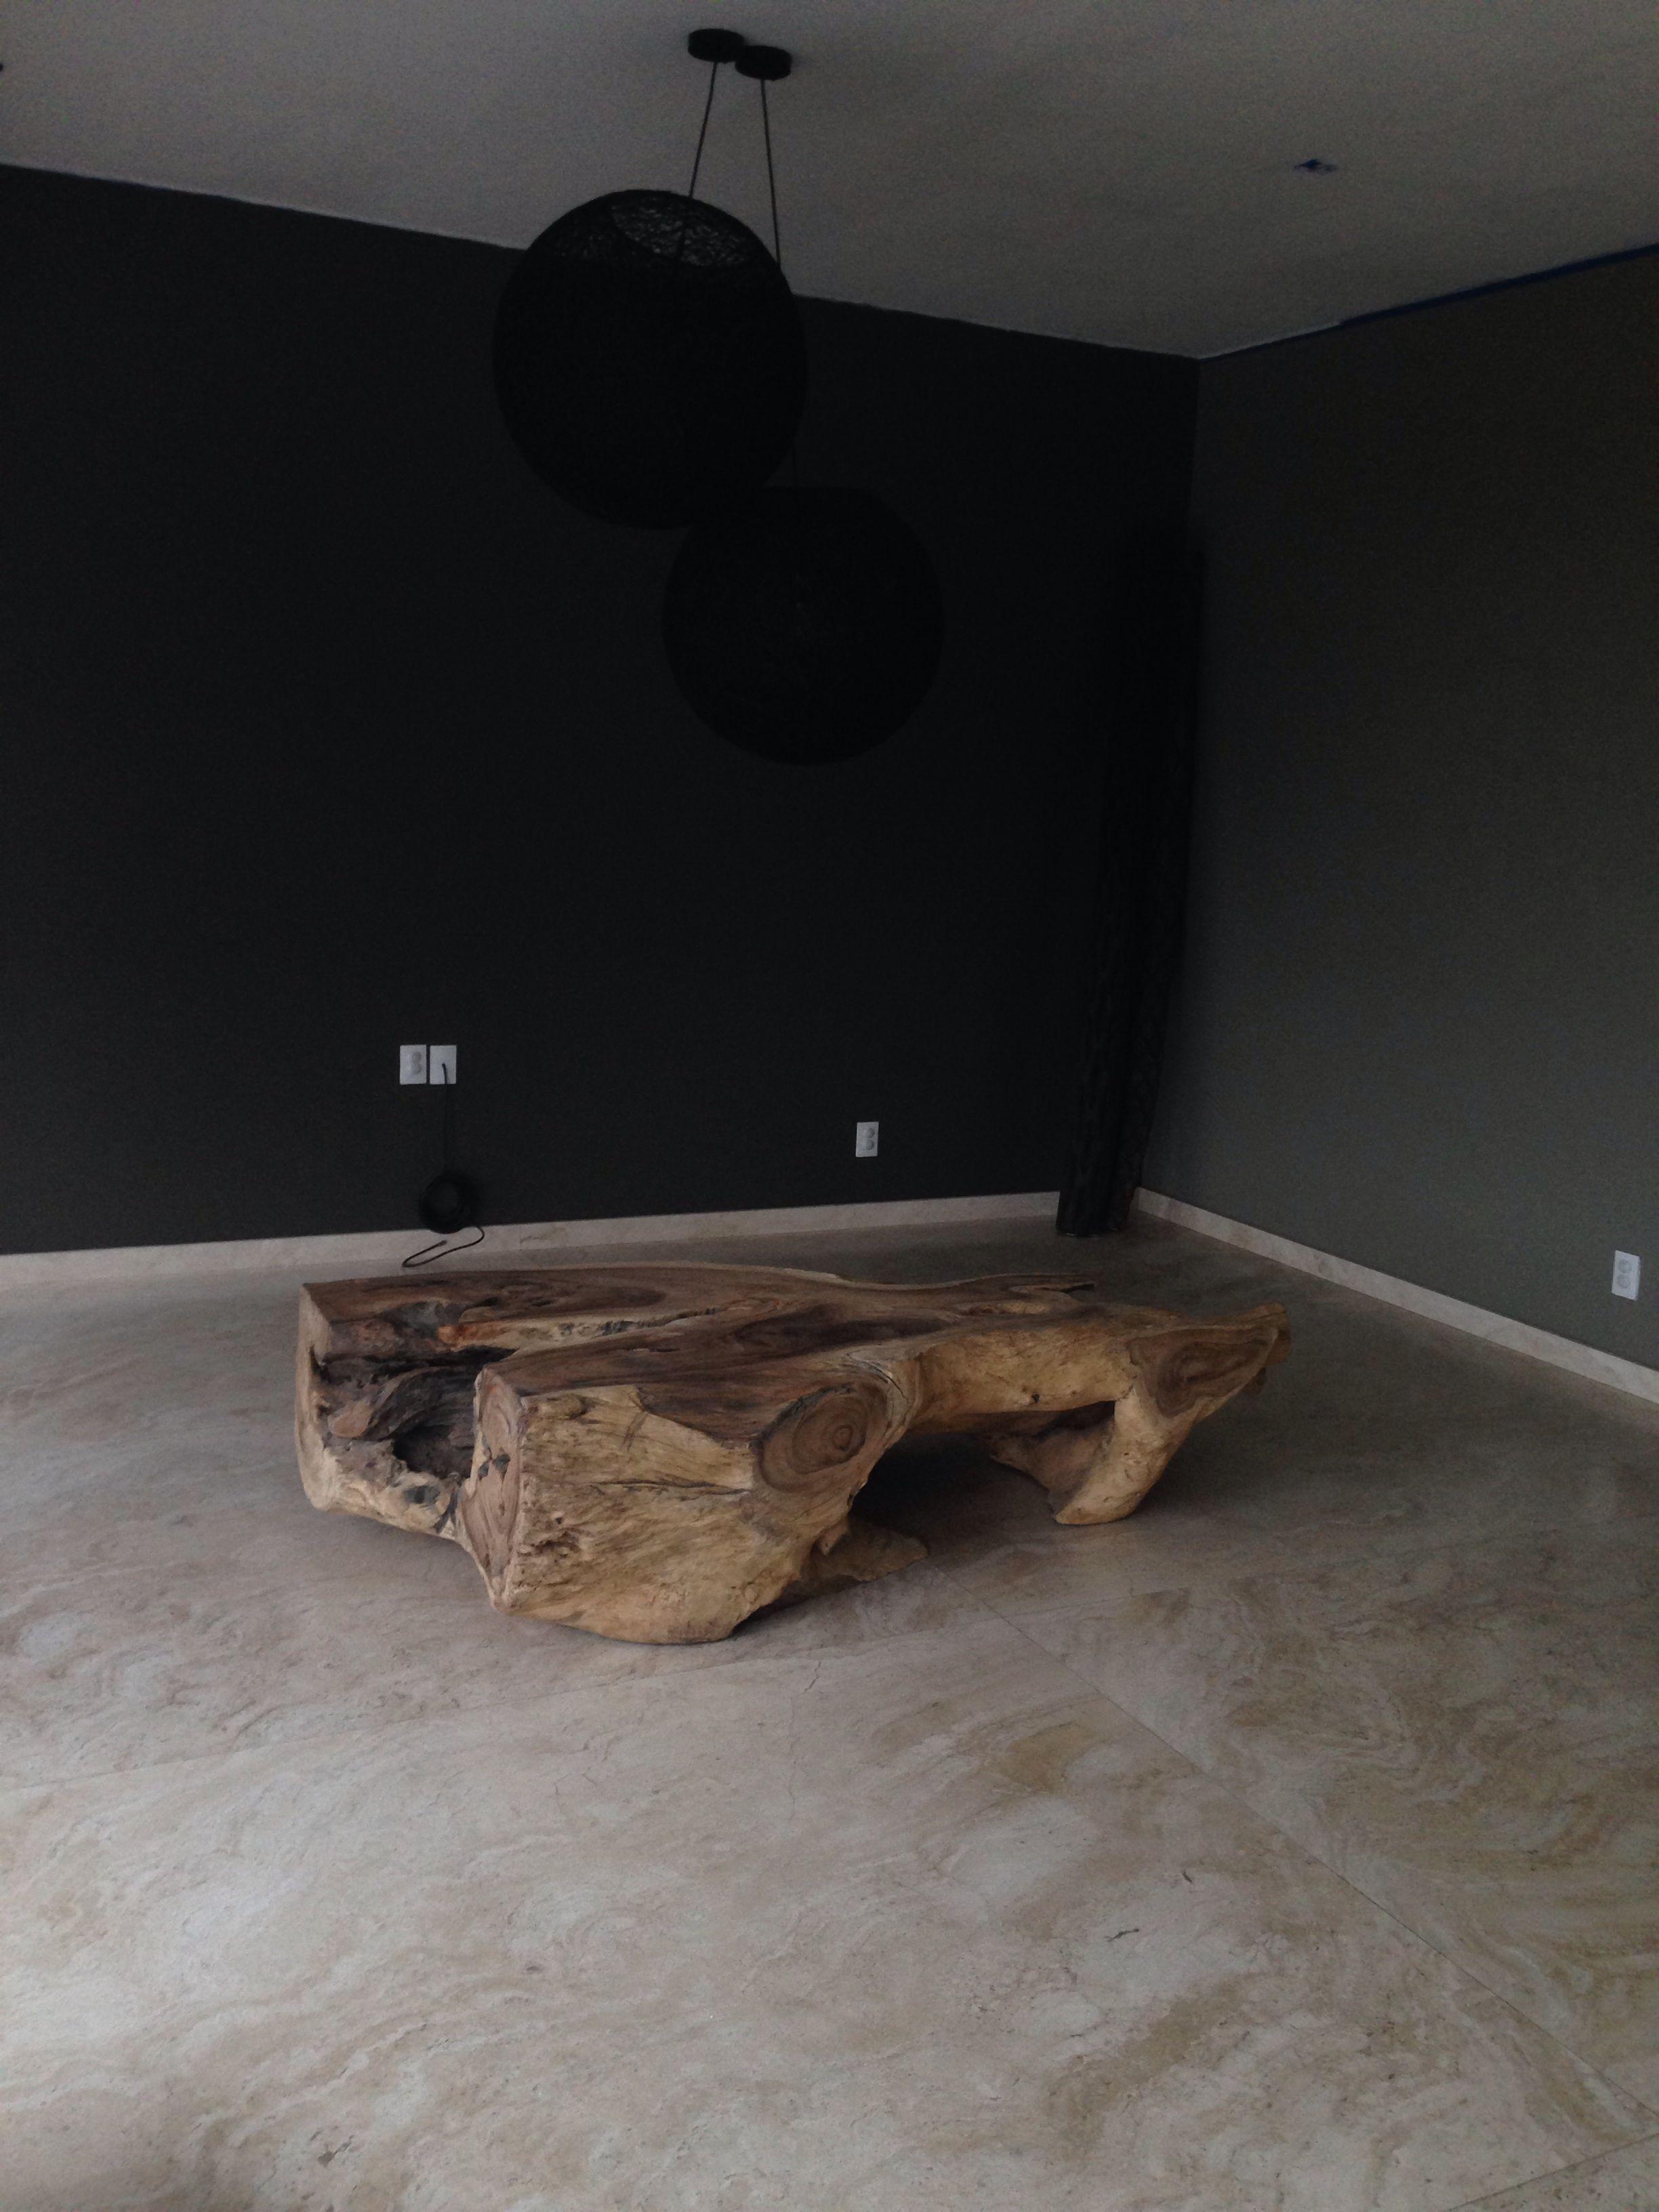 Casa/ hogar/ decoración de hogar/ decoración de interiores ...